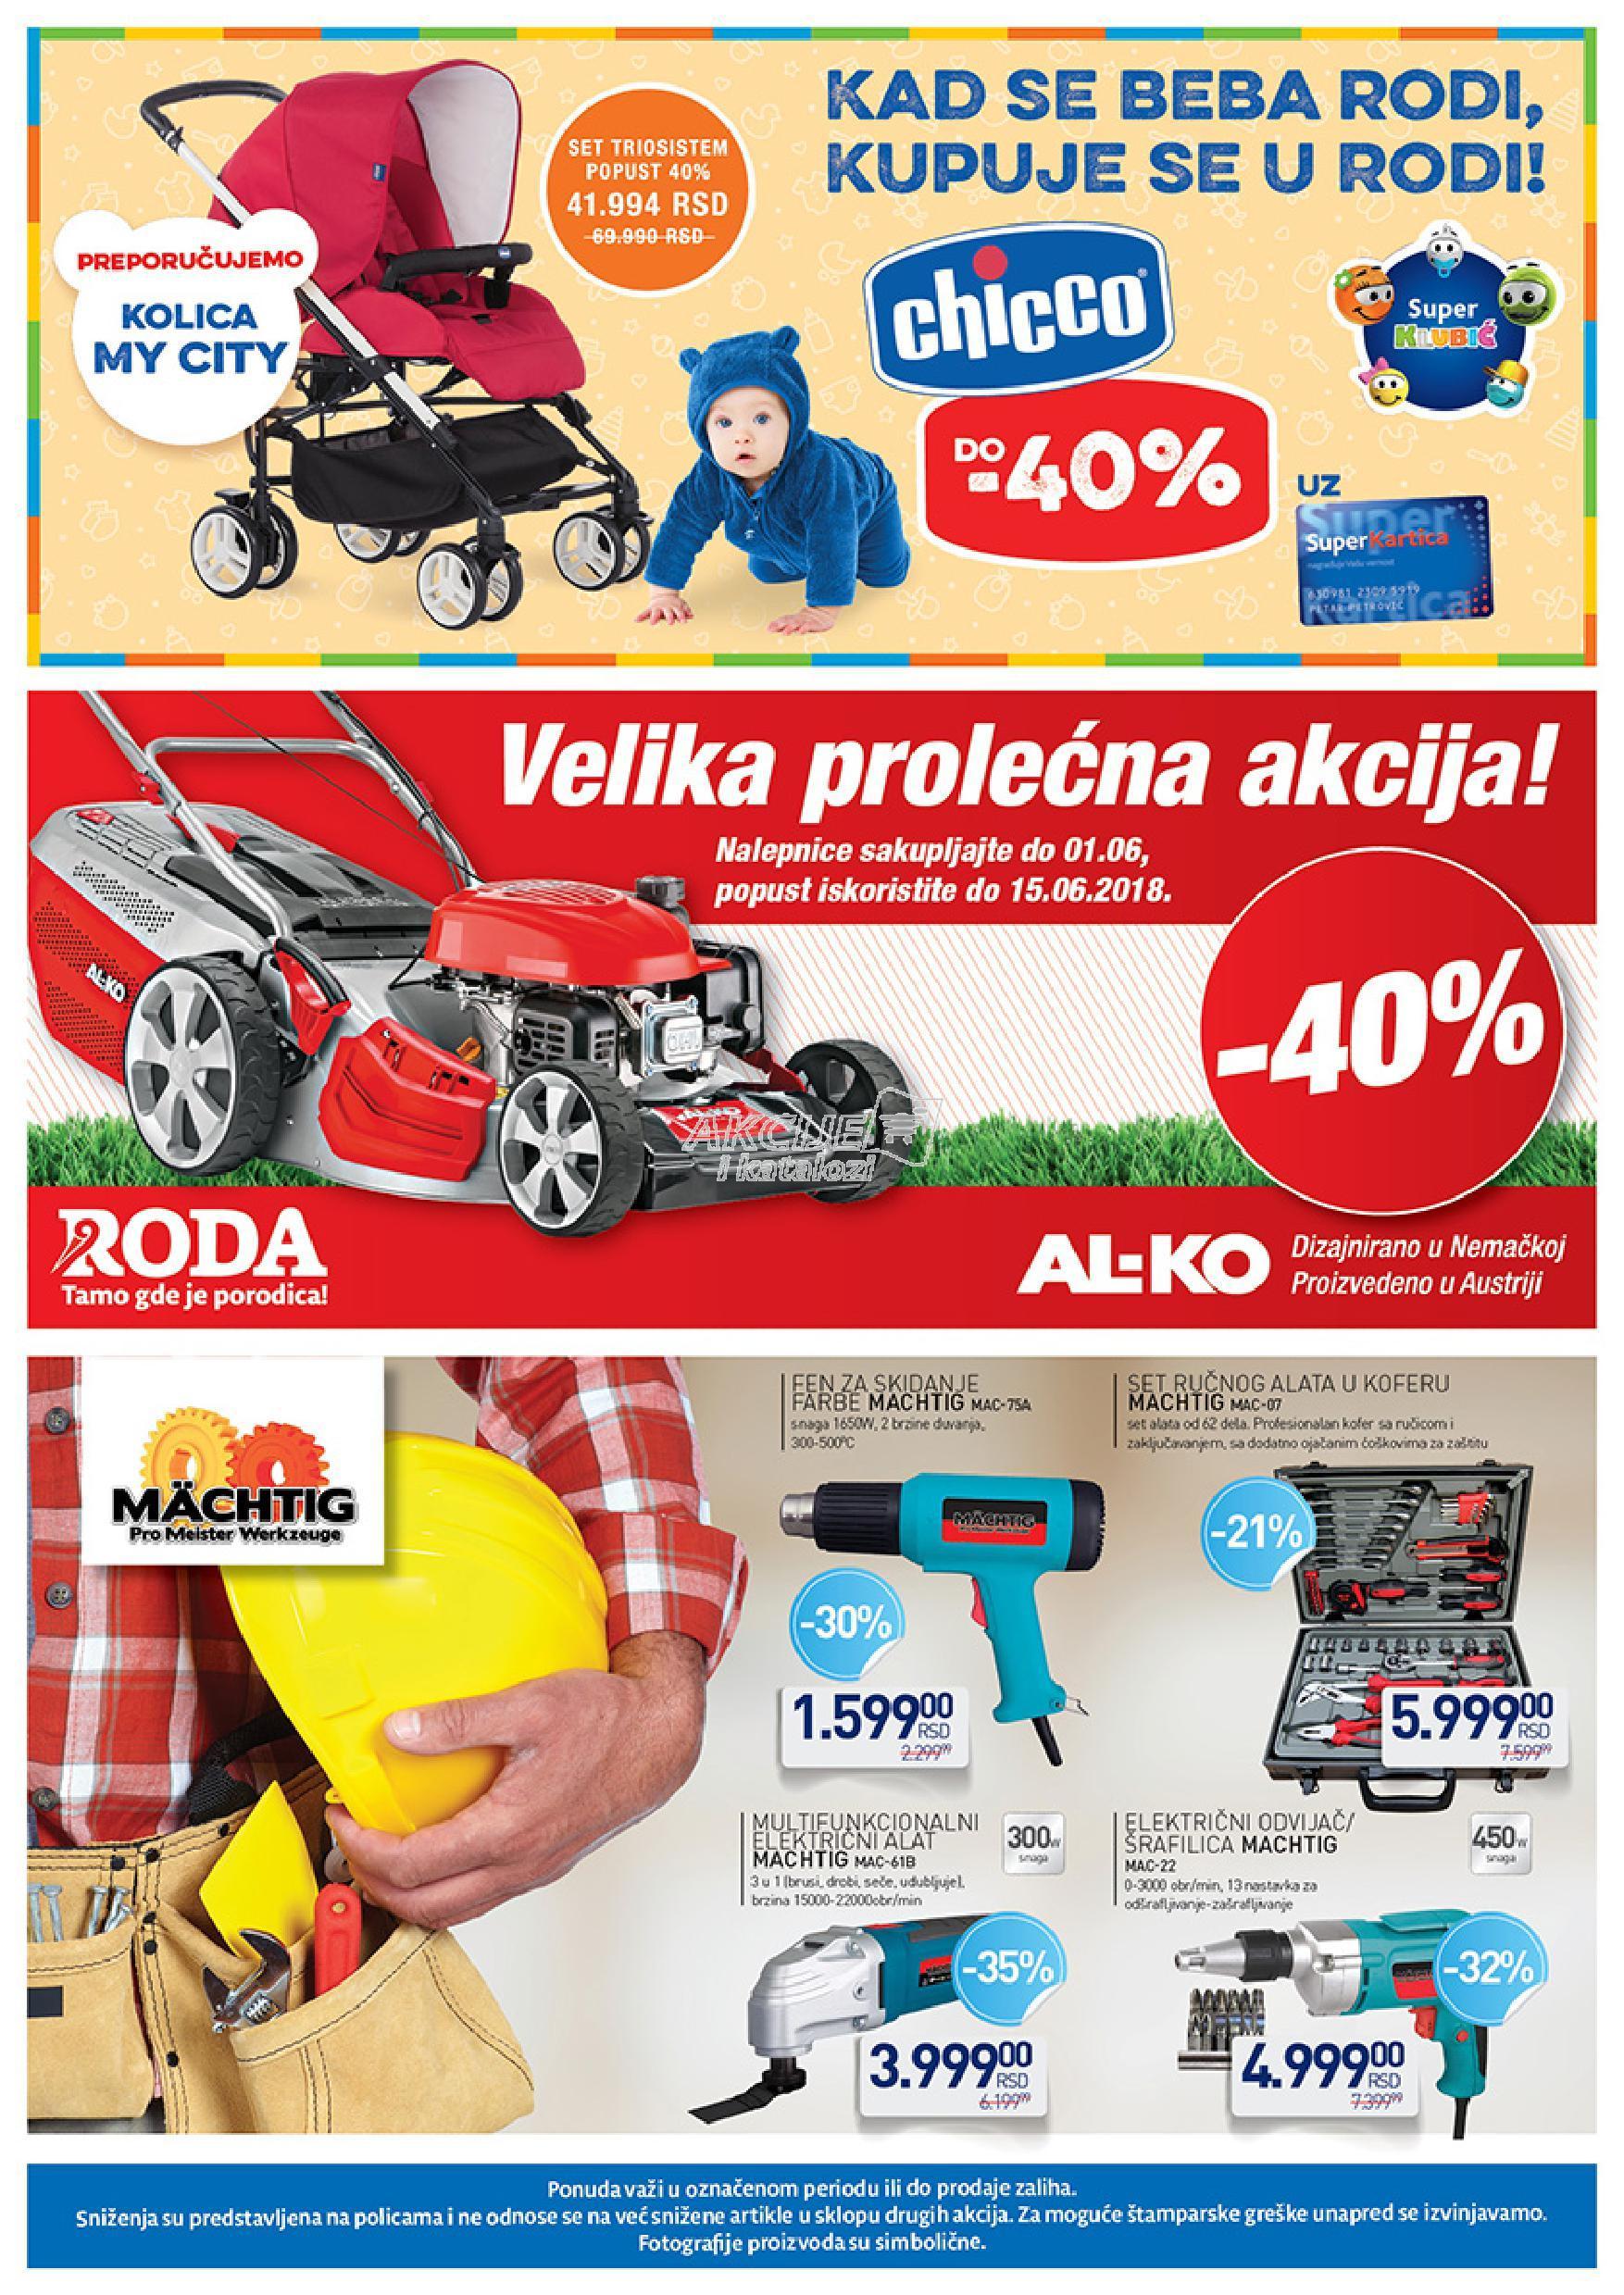 Roda akcija super cena u Vršcu